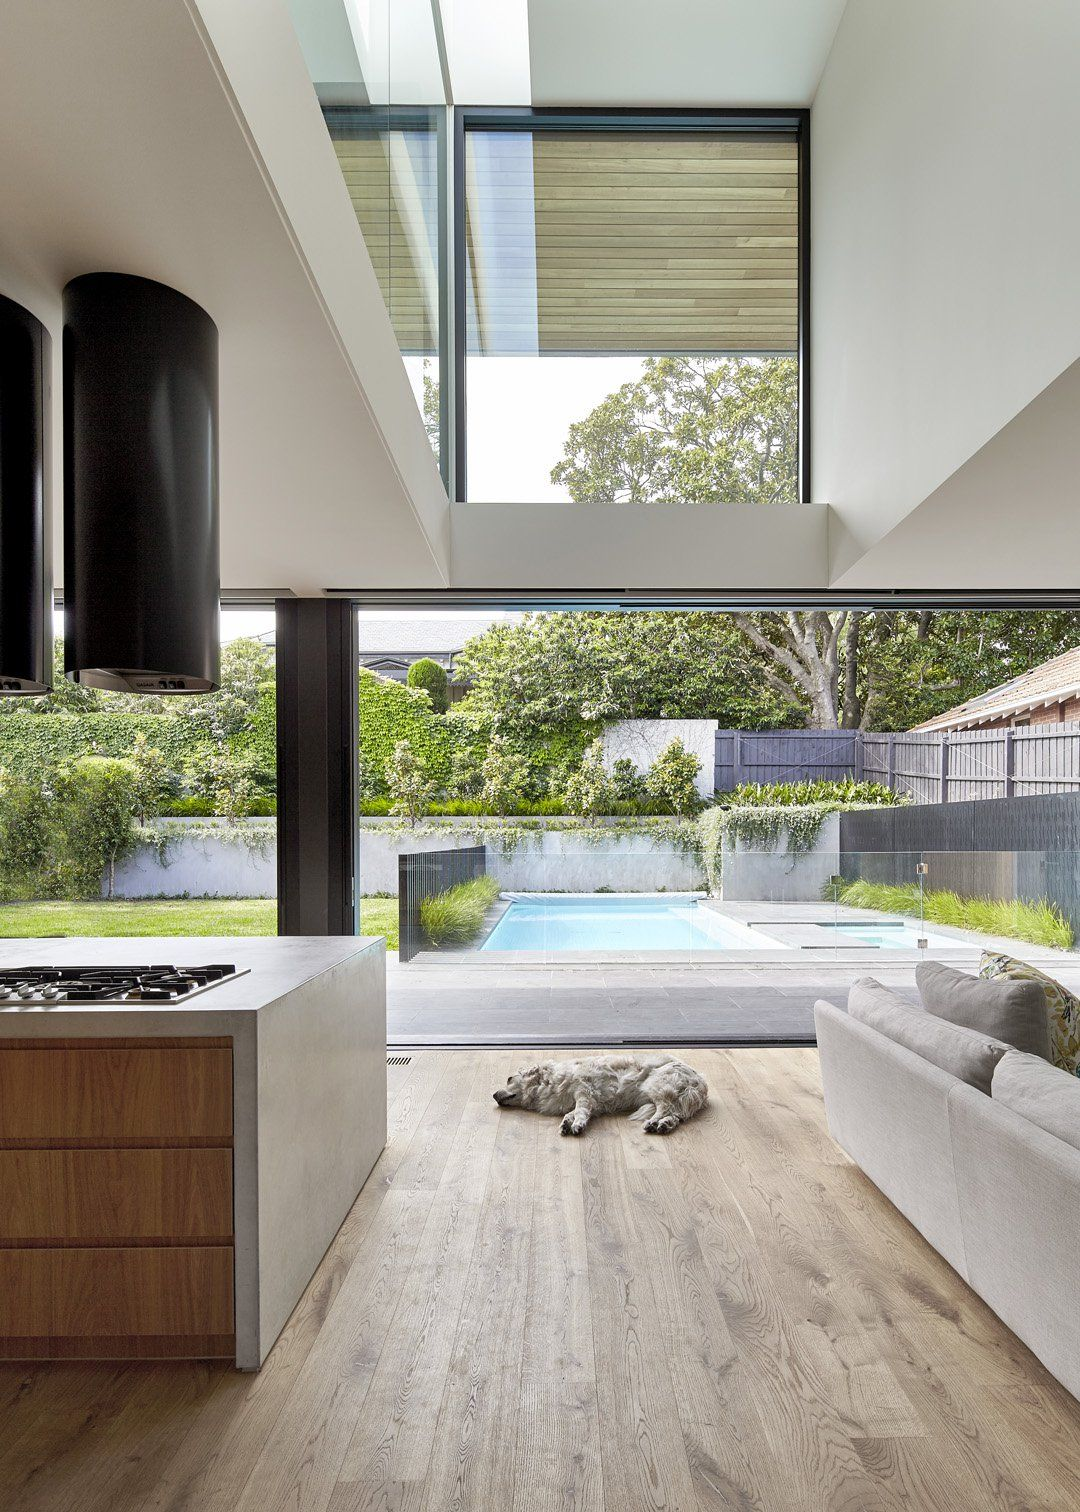 Home design exterieur und interieur bigimageplaceholder  intérieurs  extérieurs  archi  pinterest